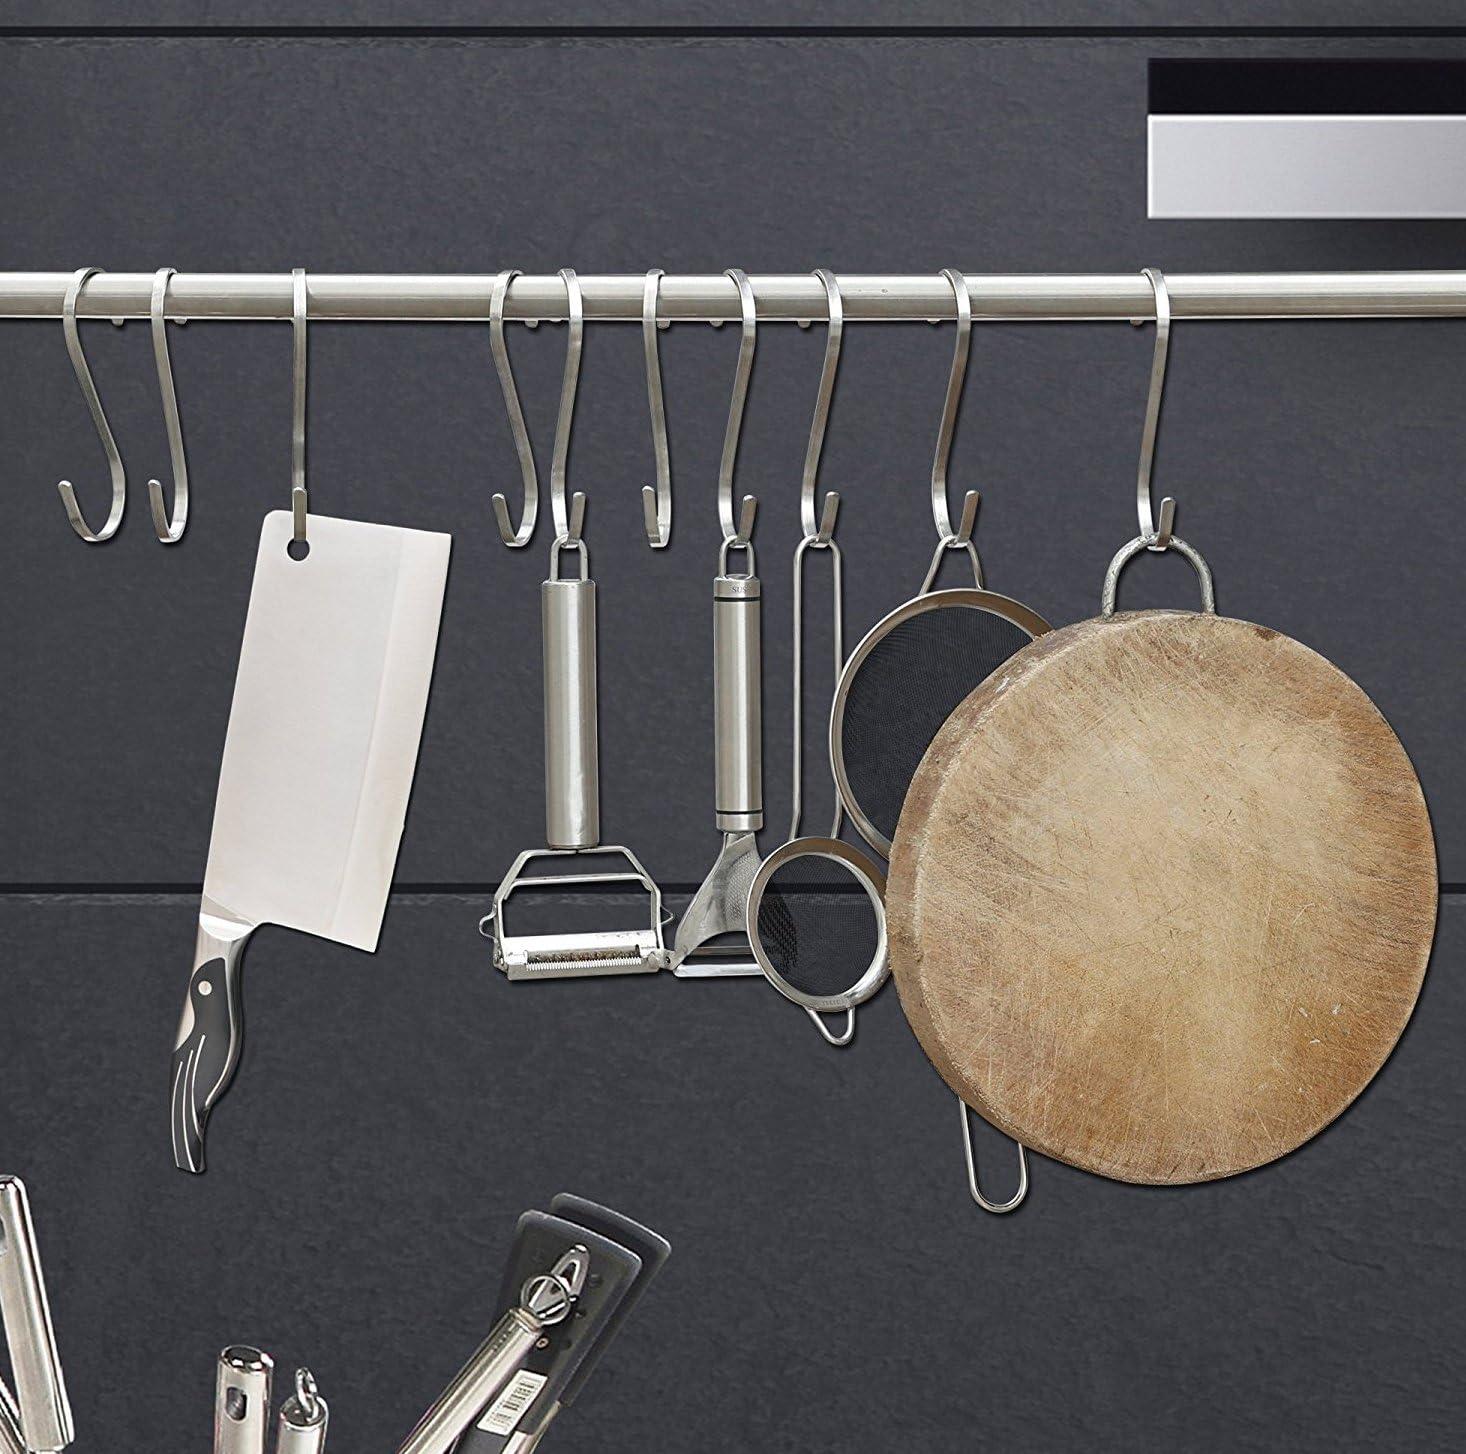 resistenti Teleost ganci piatti a S da cucina in acciaio inossidabile SUS304 spazzolato spessore 3/mm 6/pezzi per confezione Acciaio inossidabile medium per appendere pentole e padelle